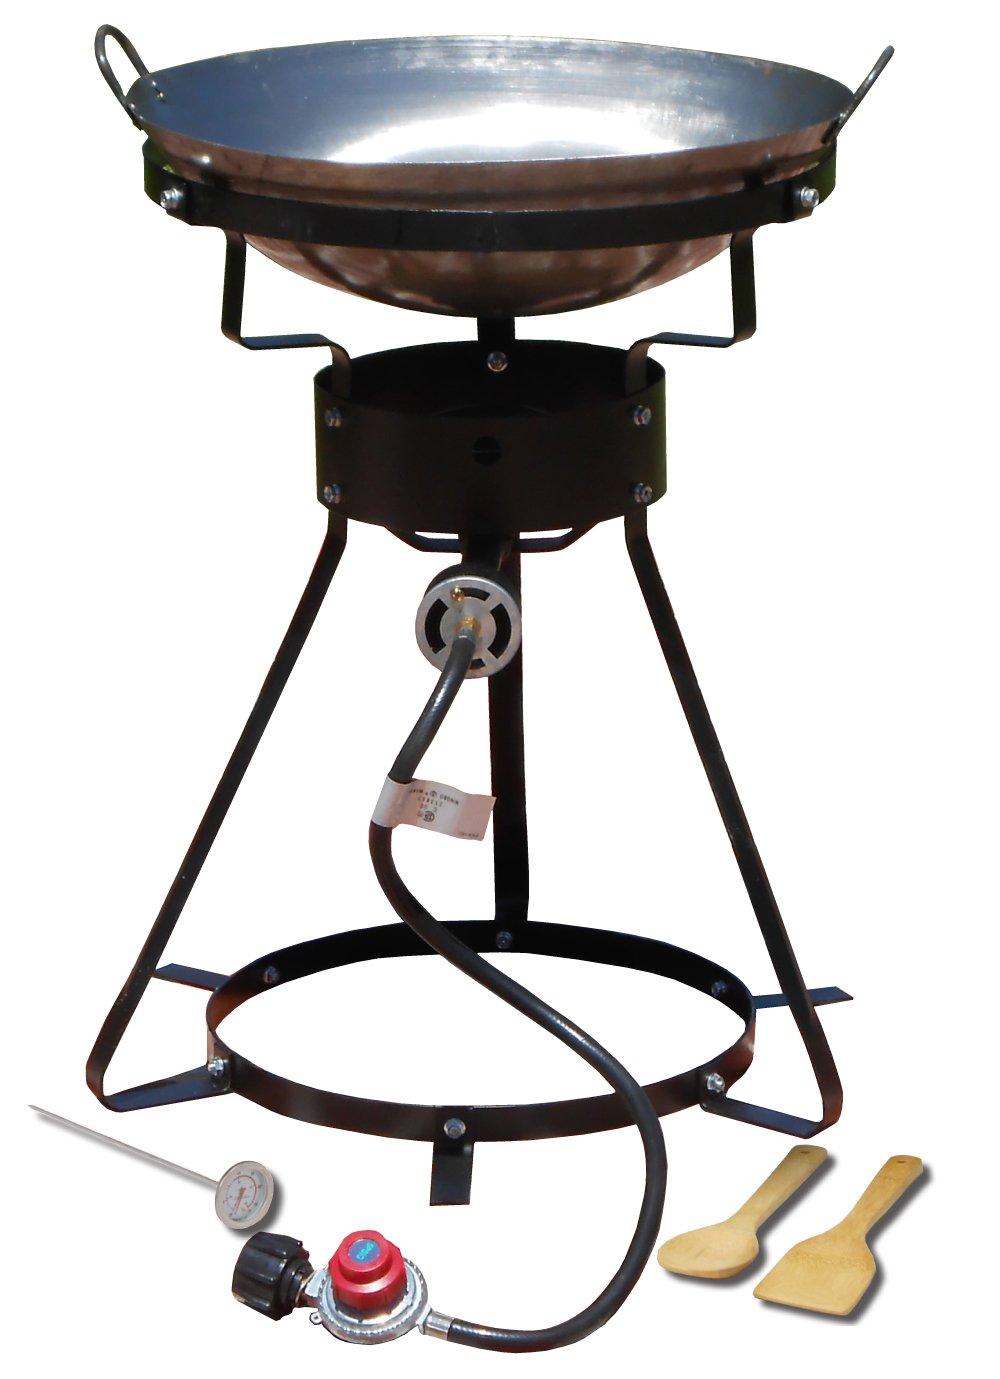 King Kooker 24WC Heavy-Duty 24-Inch Portable Propane Outdoor Cooker with 18-Inch Steel Wok by King Kooker